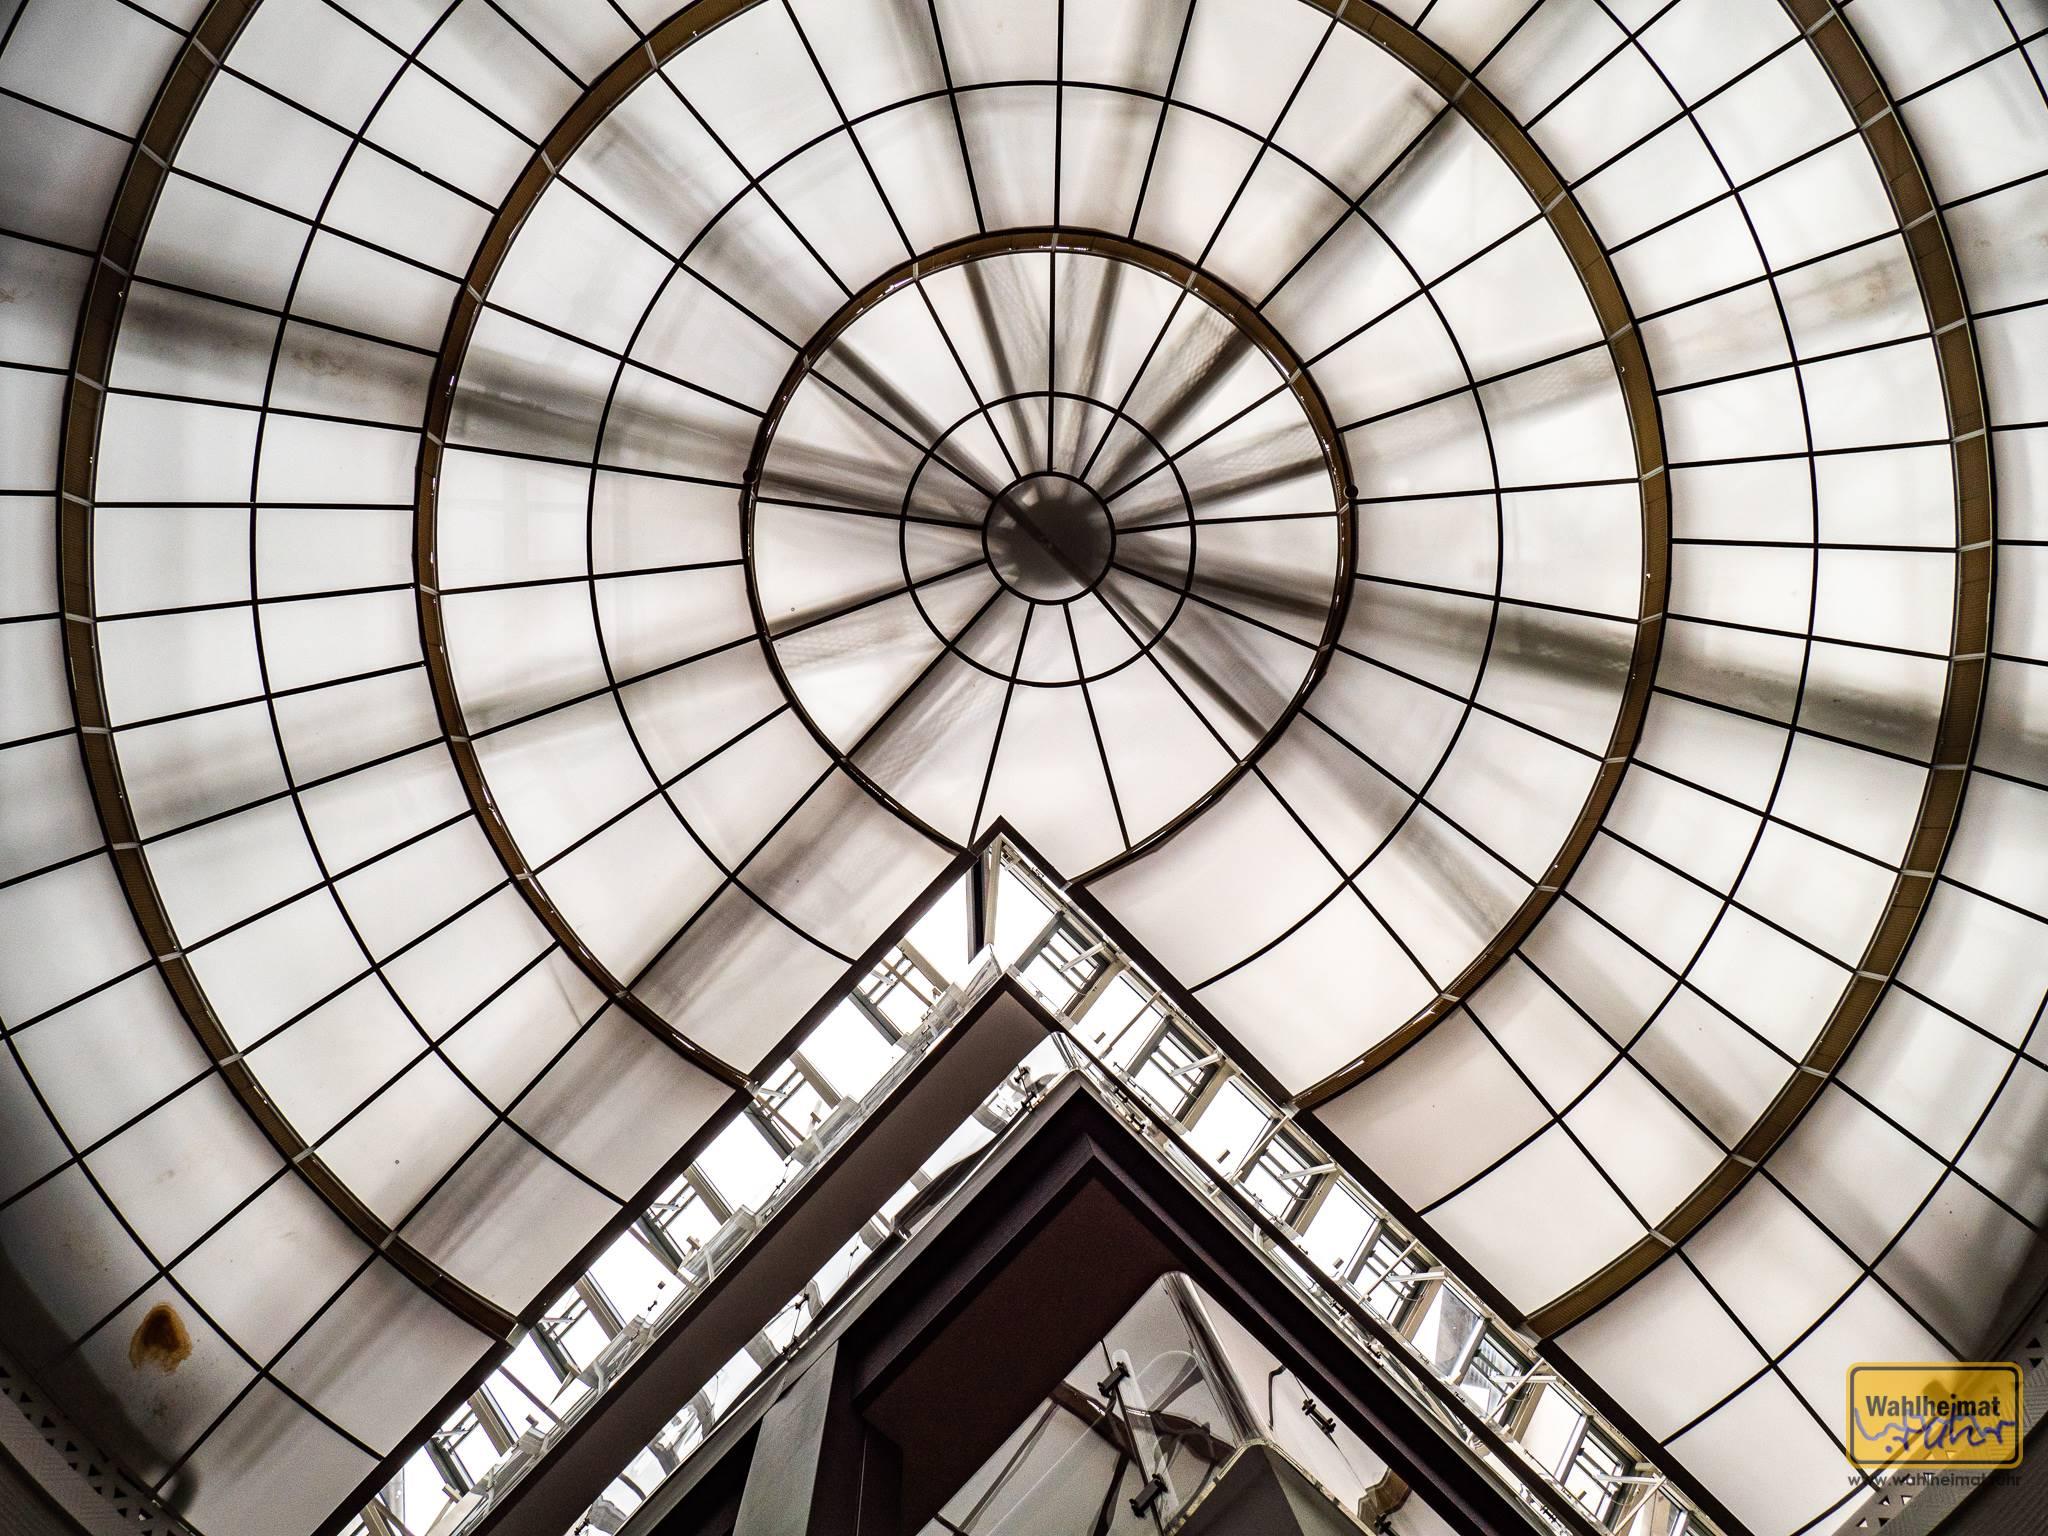 Glas - ganz viel Glas in der Rotunde des Museum für Kunst und Kulturgeschichte in Dortmund. Wunderbar!